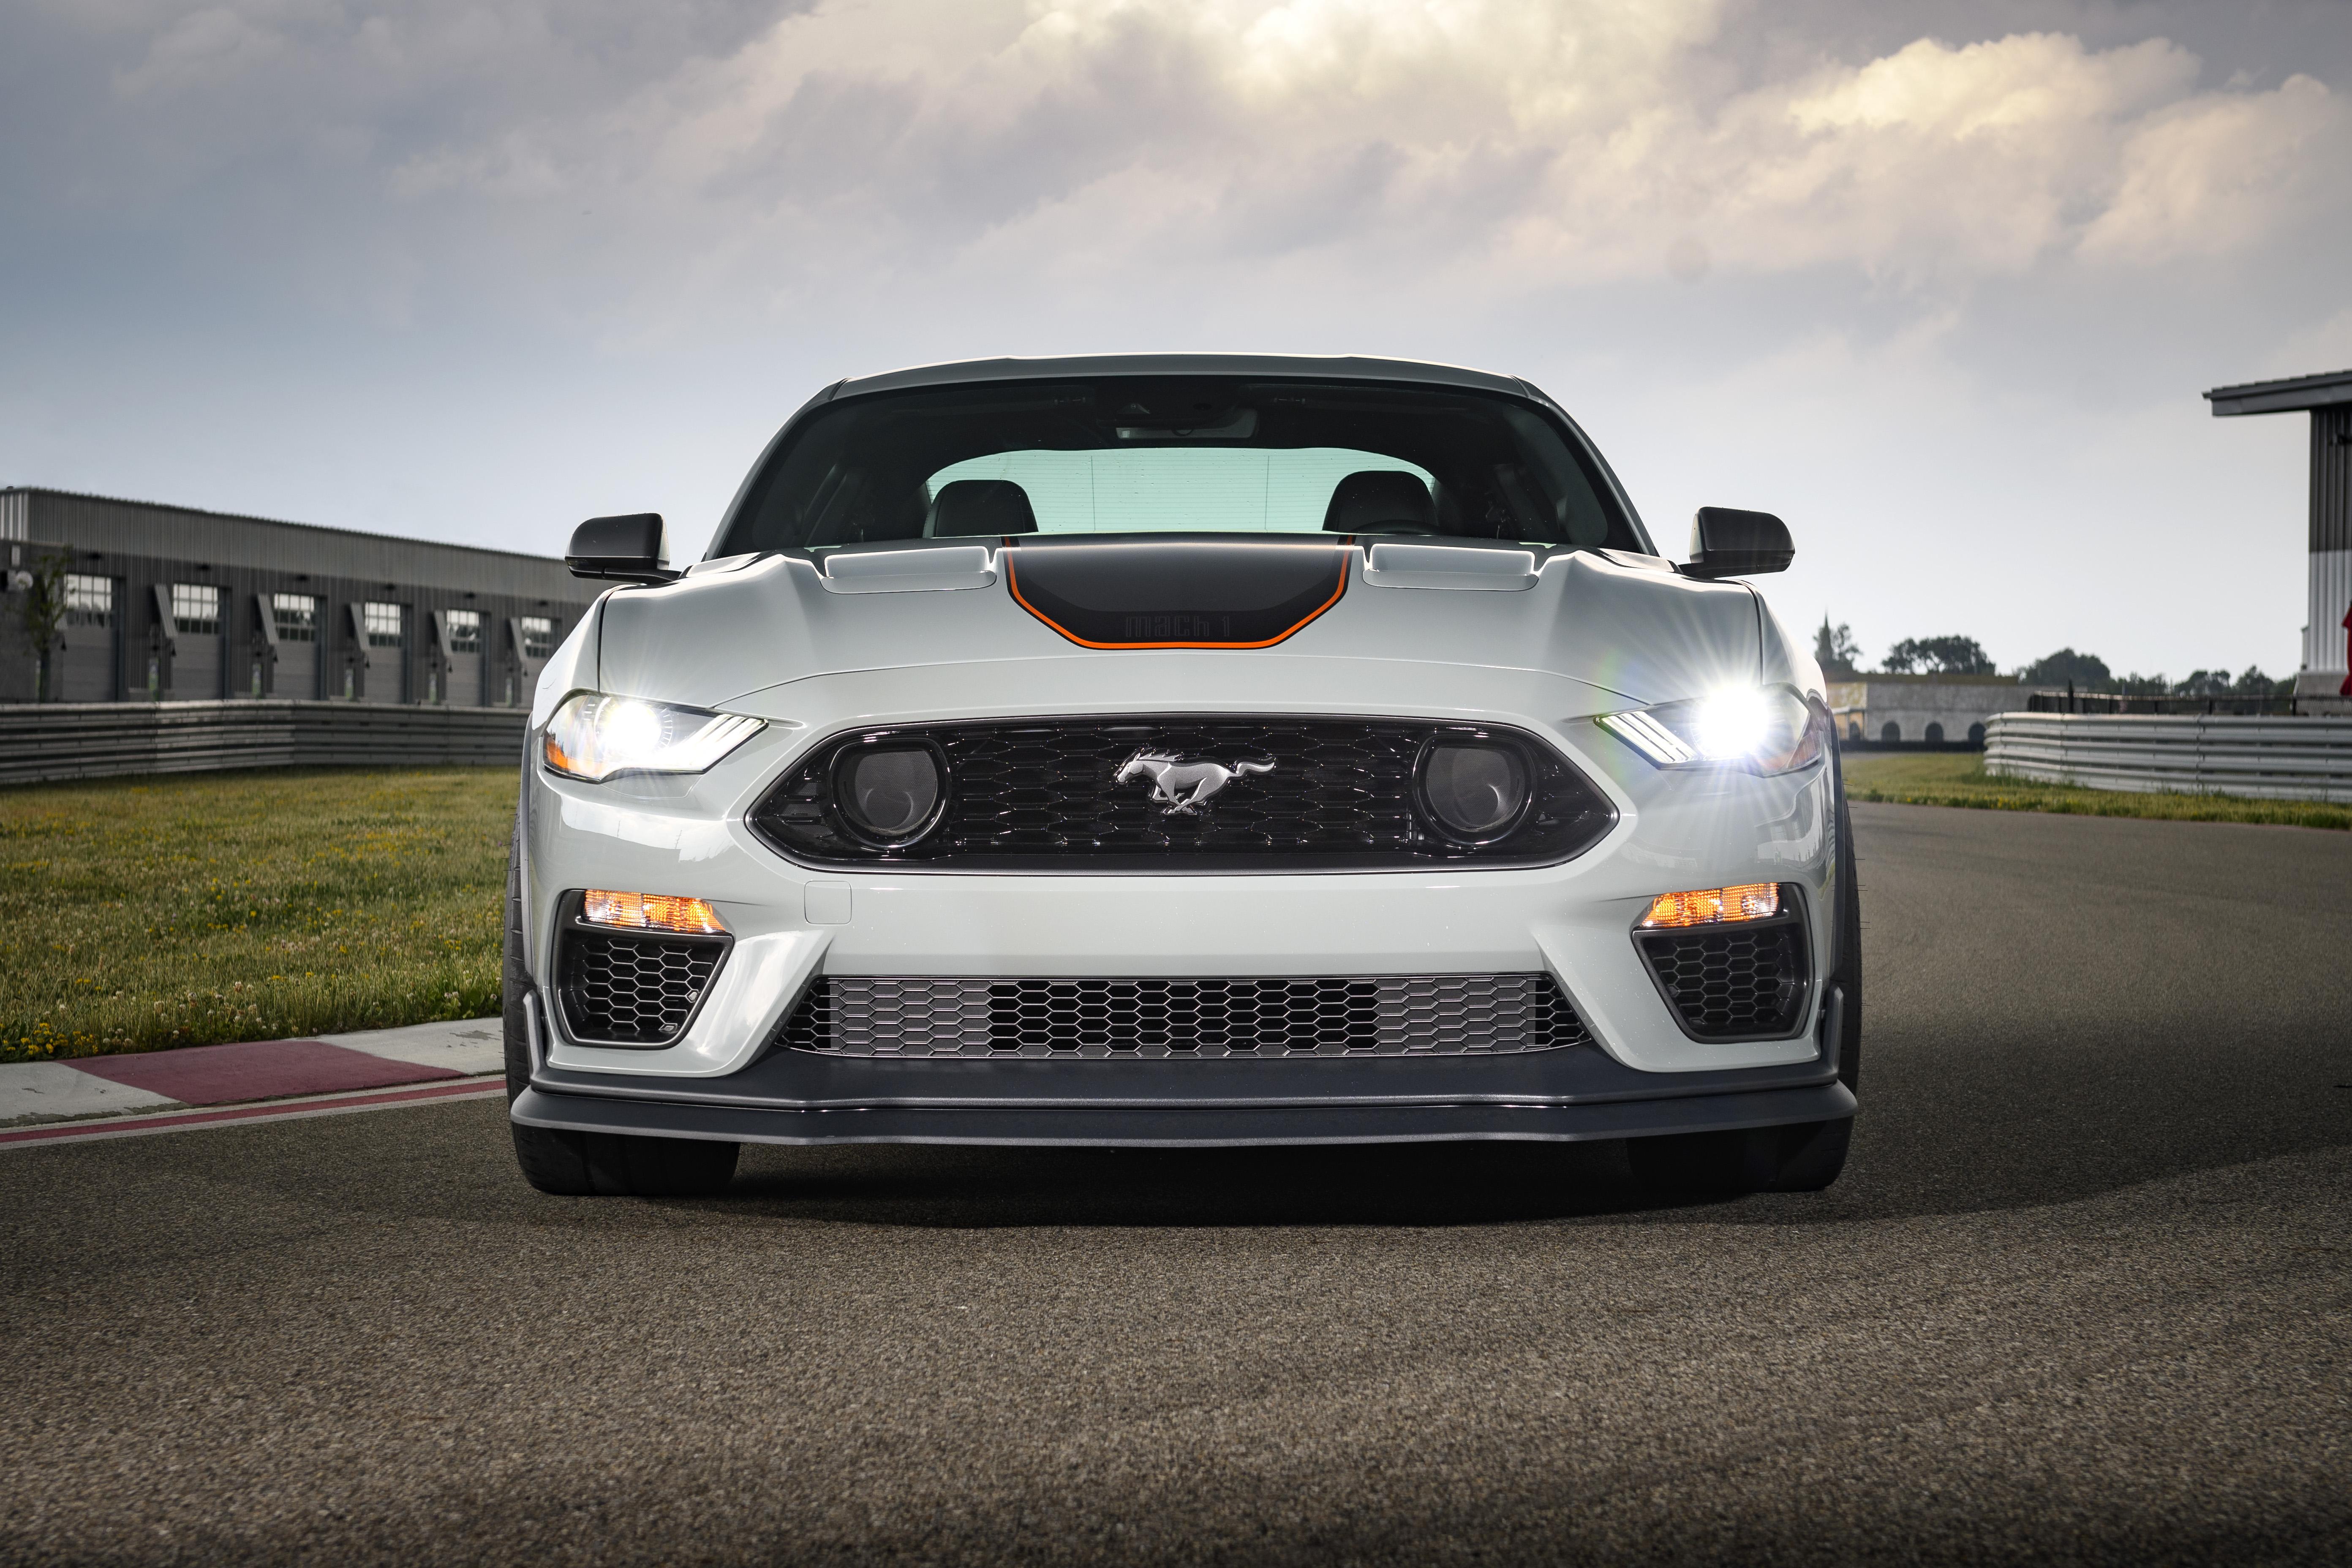 2021 Mustang Mach Ratings